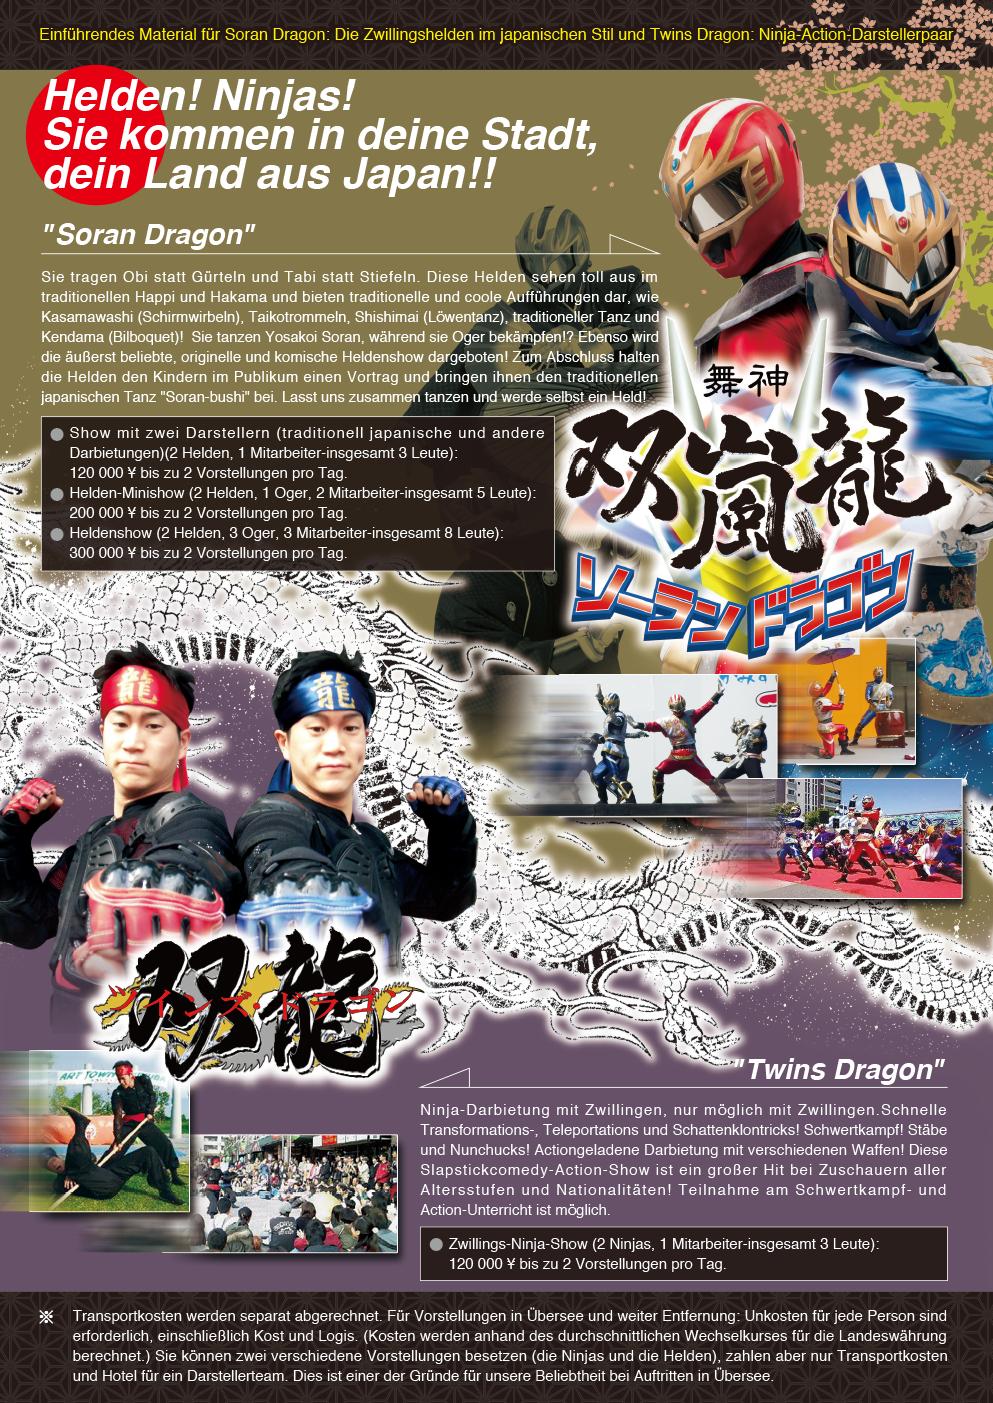 Helden! Ninjas! Sie kommen in deine Stadt, dein Land aus Japan!!Einführendes Material für Soran Dragon: Die Zwillingshelden im japanischen Stil und Twins Dragon: Ninja-Action-Darstellerpaar Soran Dragon Sie tragen Obi statt Gürteln und Tabi statt Stiefeln. Diese Helden sehen toll aus im traditionellen Happi und Hakama und bieten traditionelle und coole Aufführungen dar, wie Kasamawashi (Schirmwirbeln), Taikotrommeln, Shishimai (Löwentanz), traditioneller Tanz und Kendama (Bilboquet)! Sie tanzen Yosakoi Soran, während sie Oger bekämpfen!? Ebenso wird die äußerst beliebte, originelle und komische Heldenshow dargeboten! Zum Abschluss halten die Helden den Kindern im Publikum einen Vortrag und bringen ihnen den traditionellen japanischen Tanz Soran-bushi bei. Lasst uns zusammen tanzen und werde selbst ein Held! Show mit zwei Darstellern (traditionell japanische und andere Darbietungen) (2 Helden, 1 Mitarbeiter-insgesamt 3 Leute): 120 000 ¥ bis zu 2 Vorstellungen pro Tag. Helden-Minishow (2 Helden, 1 Oger, 2 Mitarbeiter-insgesamt 5 Leute): 200 000 ¥ bis zu 2 Vorstellungen pro Tag.<br /> Heldenshow (2 Helden, 3 Oger, 3 Mitarbeiter-insgesamt 8 Leute): 300 000 ¥ bis zu 2 Vorstellungen pro Tag.Twins Dragon Ninja-Darbietung mit Zwillingen, nur möglich mit Zwillingen.Schnelle Transformations-, Teleportations und Schattenklontricks! Schwertkampf! Stäbe und Nunchucks! Actiongeladene Darbietung mit verschiedenen Waffen! Diese Slapstickcomedy-Action-Show ist ein großer Hit bei Zuschauern aller Altersstufen und Nationalitäten! Teilnahme am Schwertkampf- und Action-Unterricht ist möglich.Zwillings-Ninja-Show (2 Ninjas, 1 Mitarbeiter-insgesamt 3 Leute): 120 000 ¥ bis zu 2 Vorstellungen pro Tag.*Transportkosten werden separat abgerechnet. Für Vorstellungen in Übersee und weiter Entfernung: Unkosten für jede Person sind erforderlich, einschließlich Kost und Logis. (Kosten werden anhand des durchschnittlichen Wechselkurses für die Landeswährung berechnet.)Sie können zwei verschiedene Vo